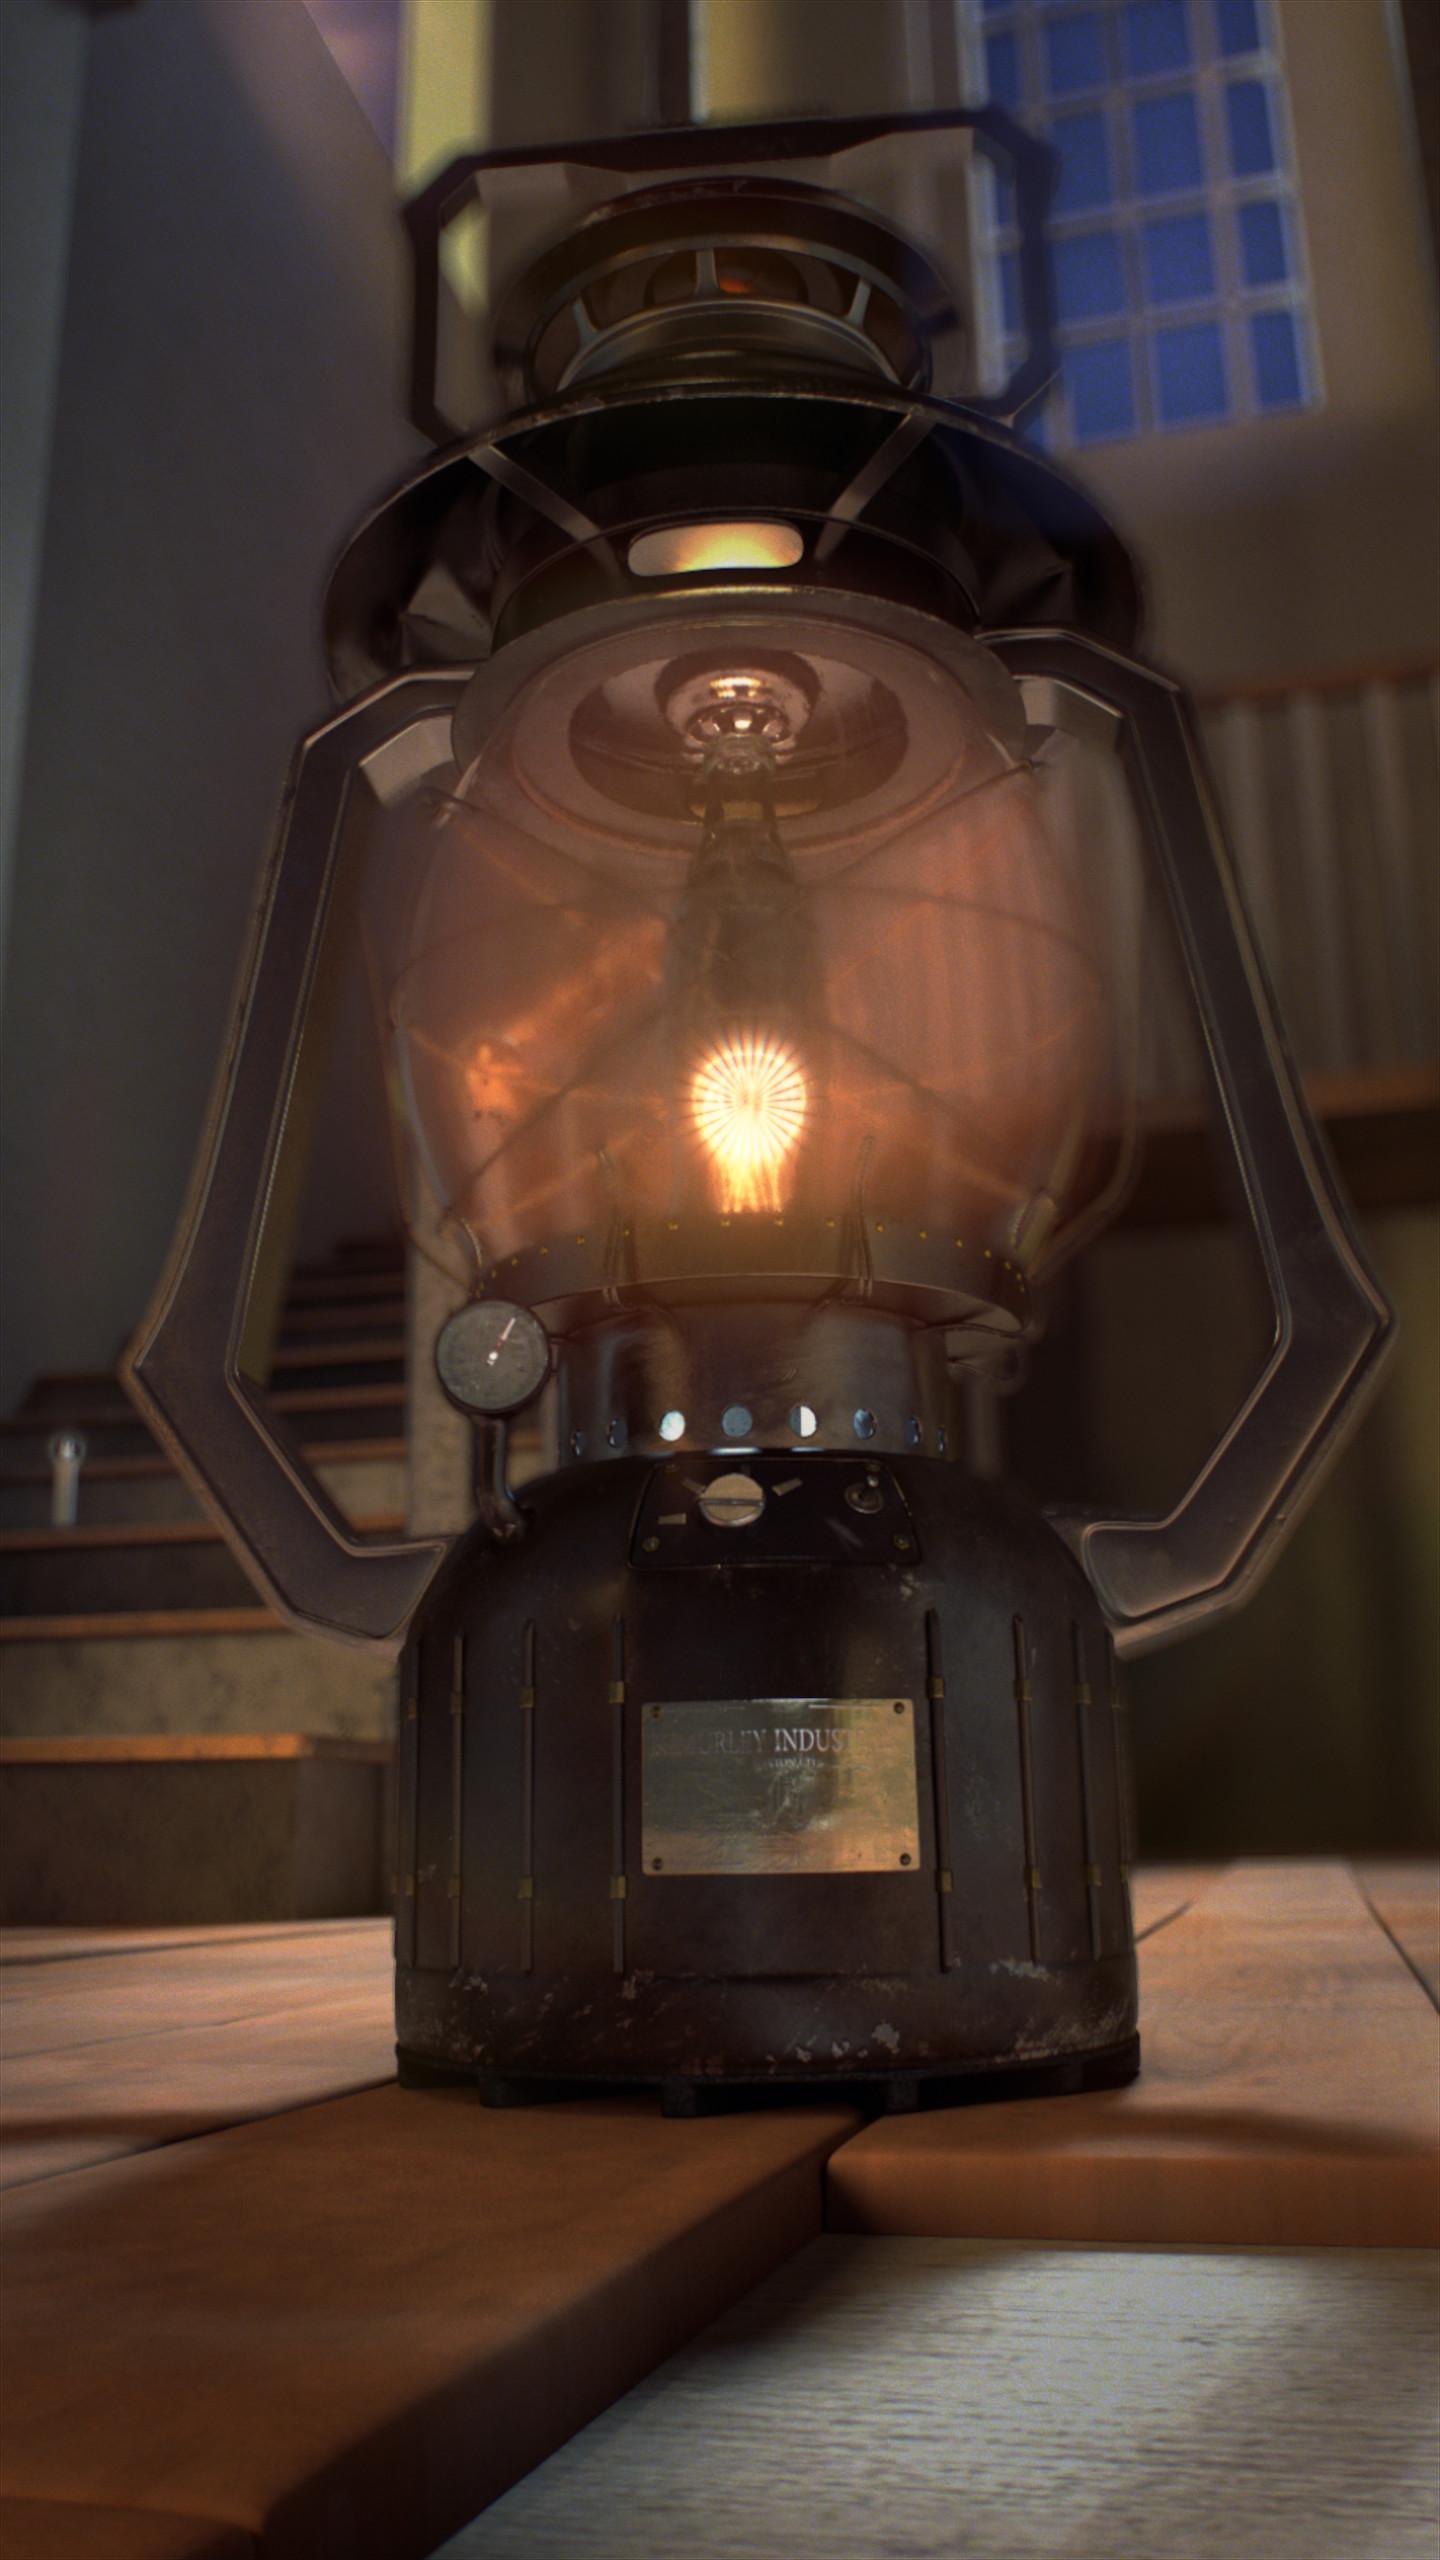 ArtStation - Steam-Fantasy Lantern, Antonio Neto